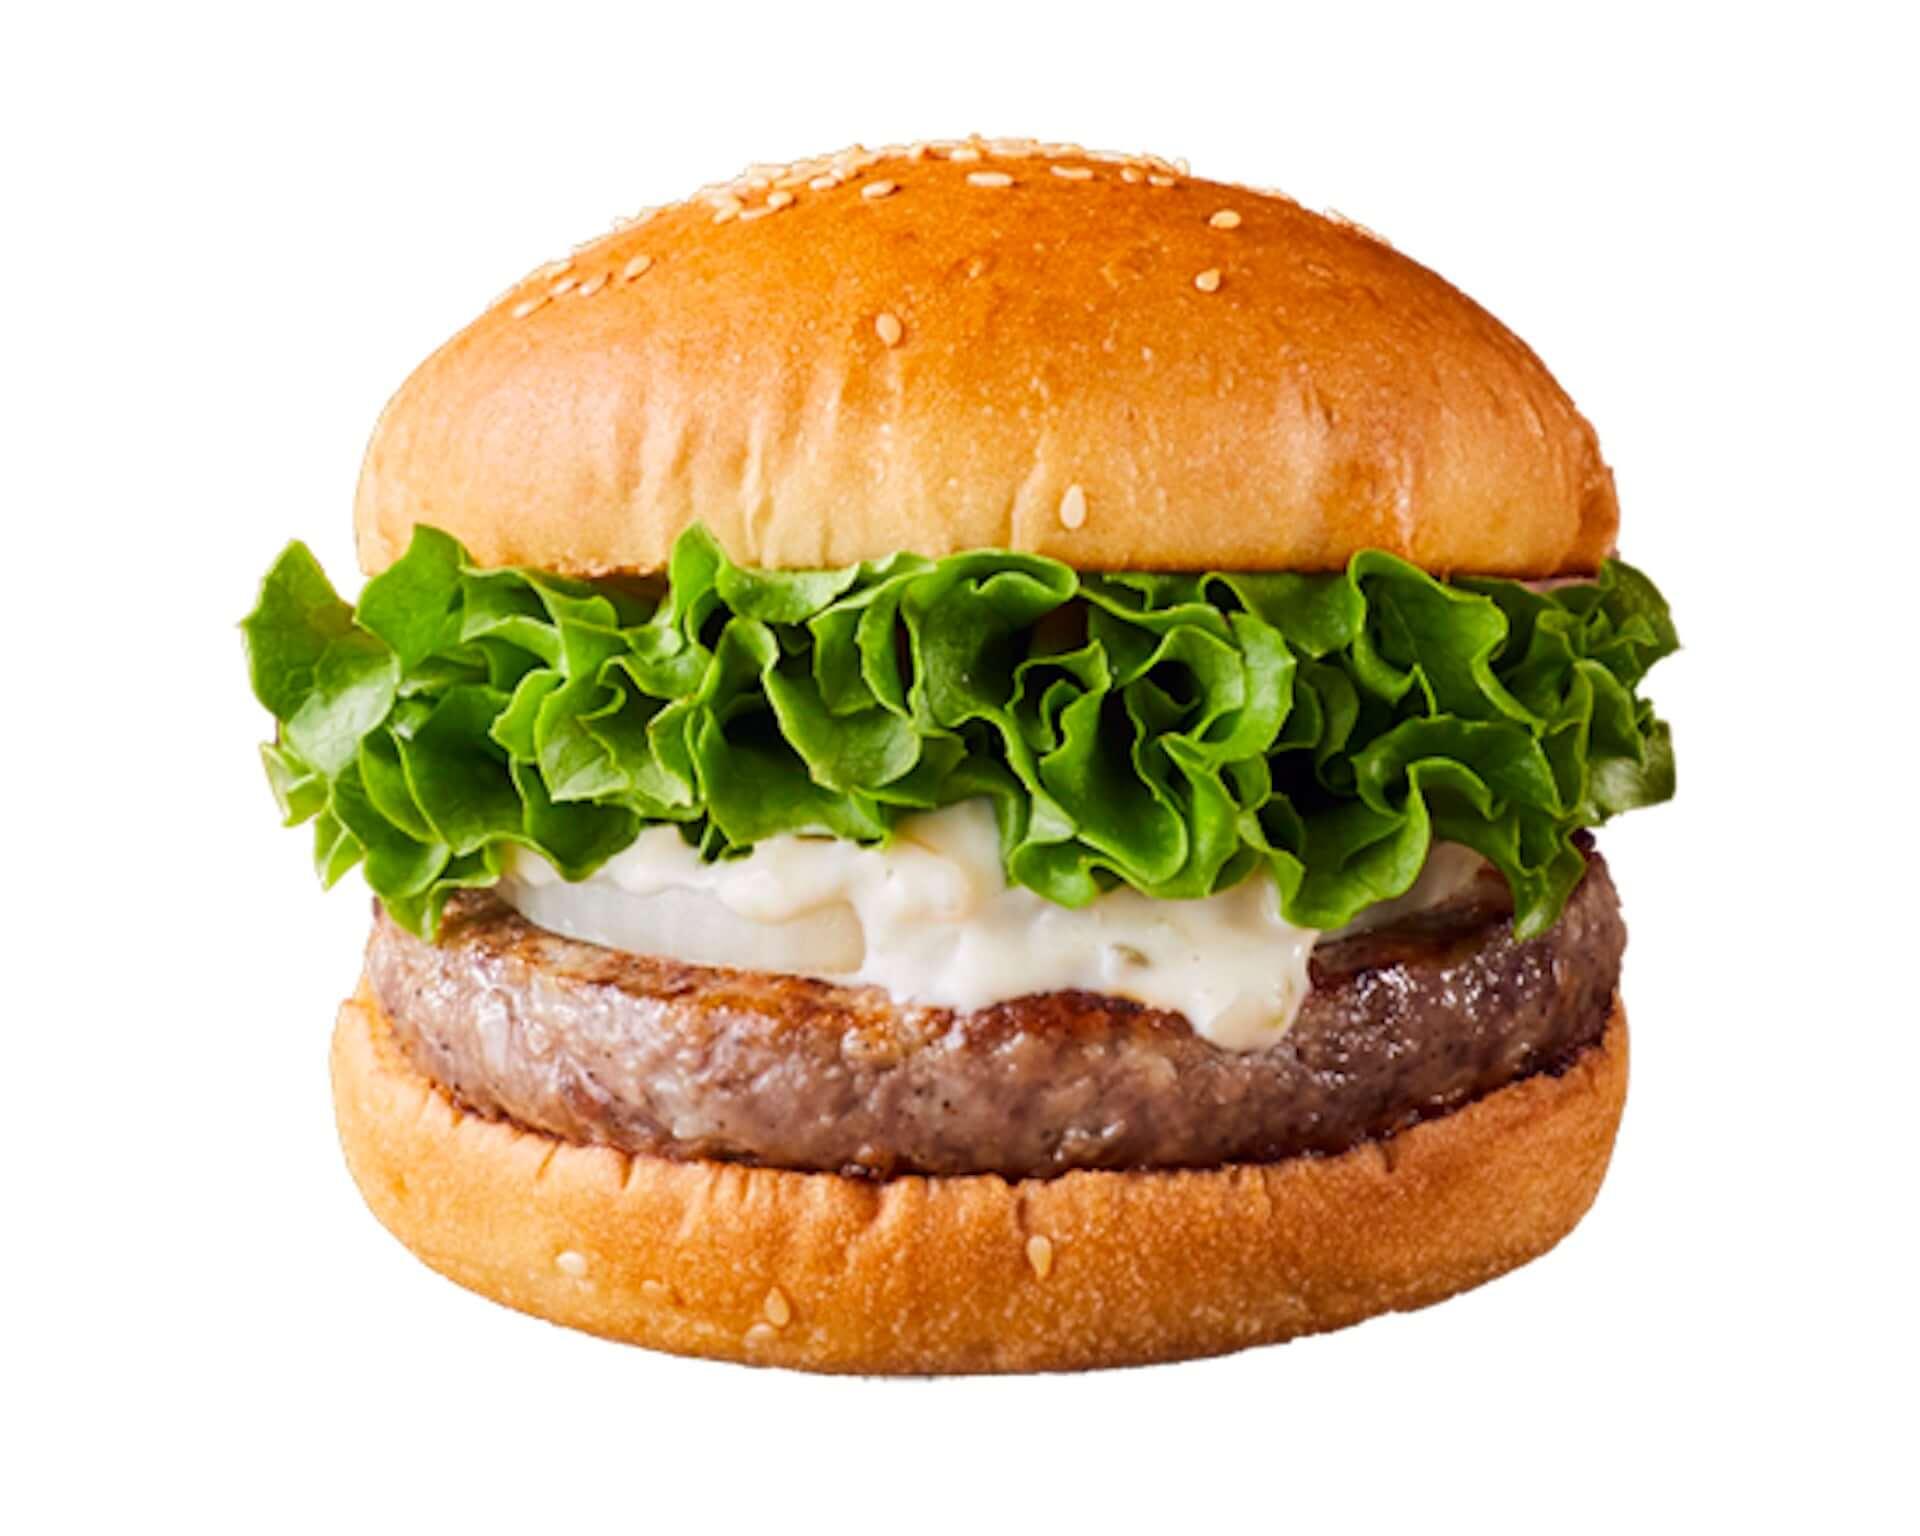 神戸牛肉の旨味たっぷりの「ブランド和牛バーガー」が今年もフレッシュネスバーガーに登場!期間限定商品『神戸牛バーガー』&『神戸牛チーズバーガー』が発売決定 gourmet201117_freshnessburger_4-1920x1536